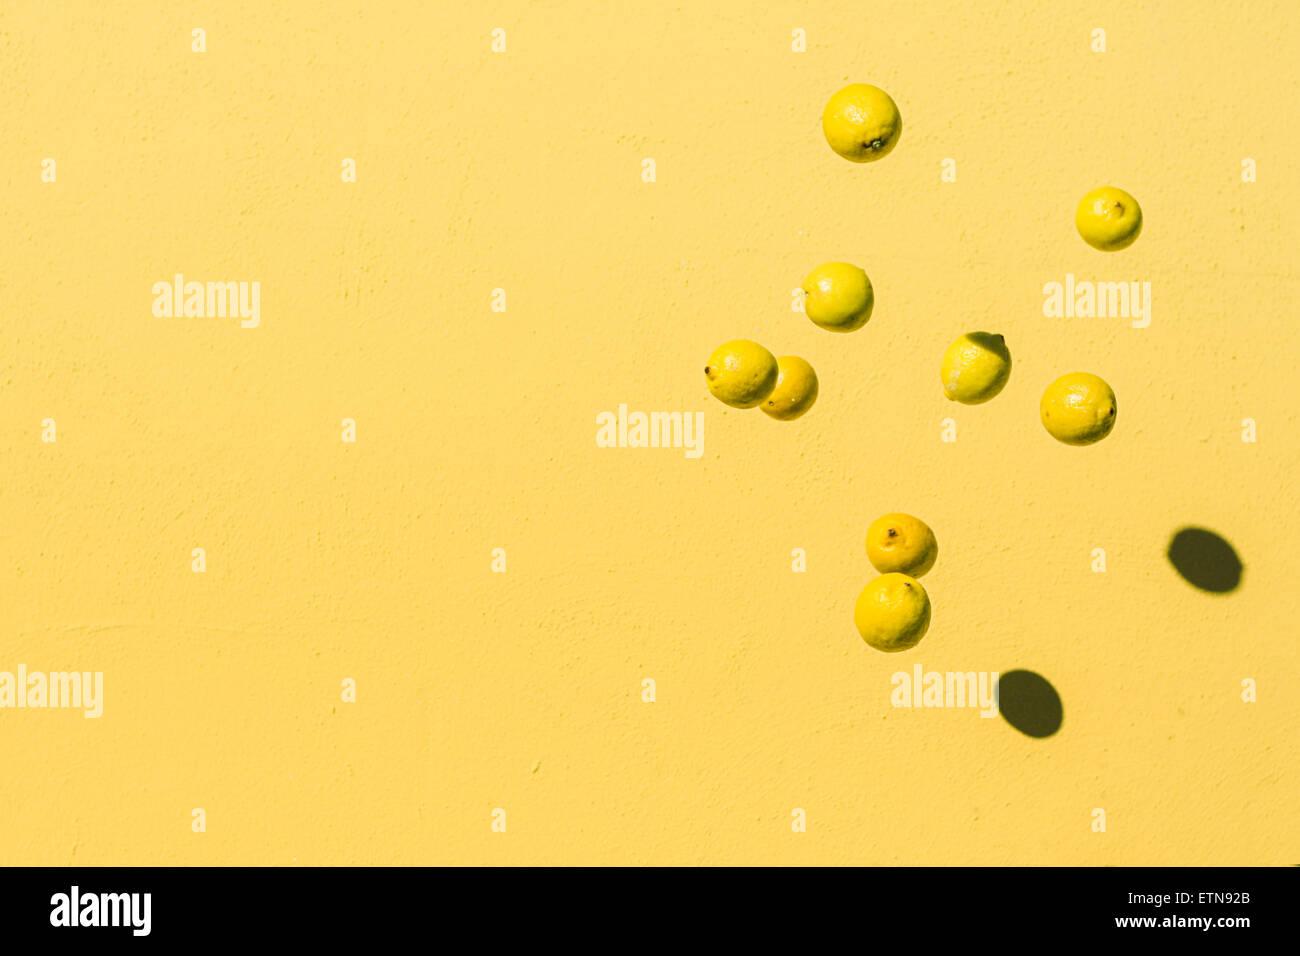 Captura abstracta de limones volando en el aire Imagen De Stock